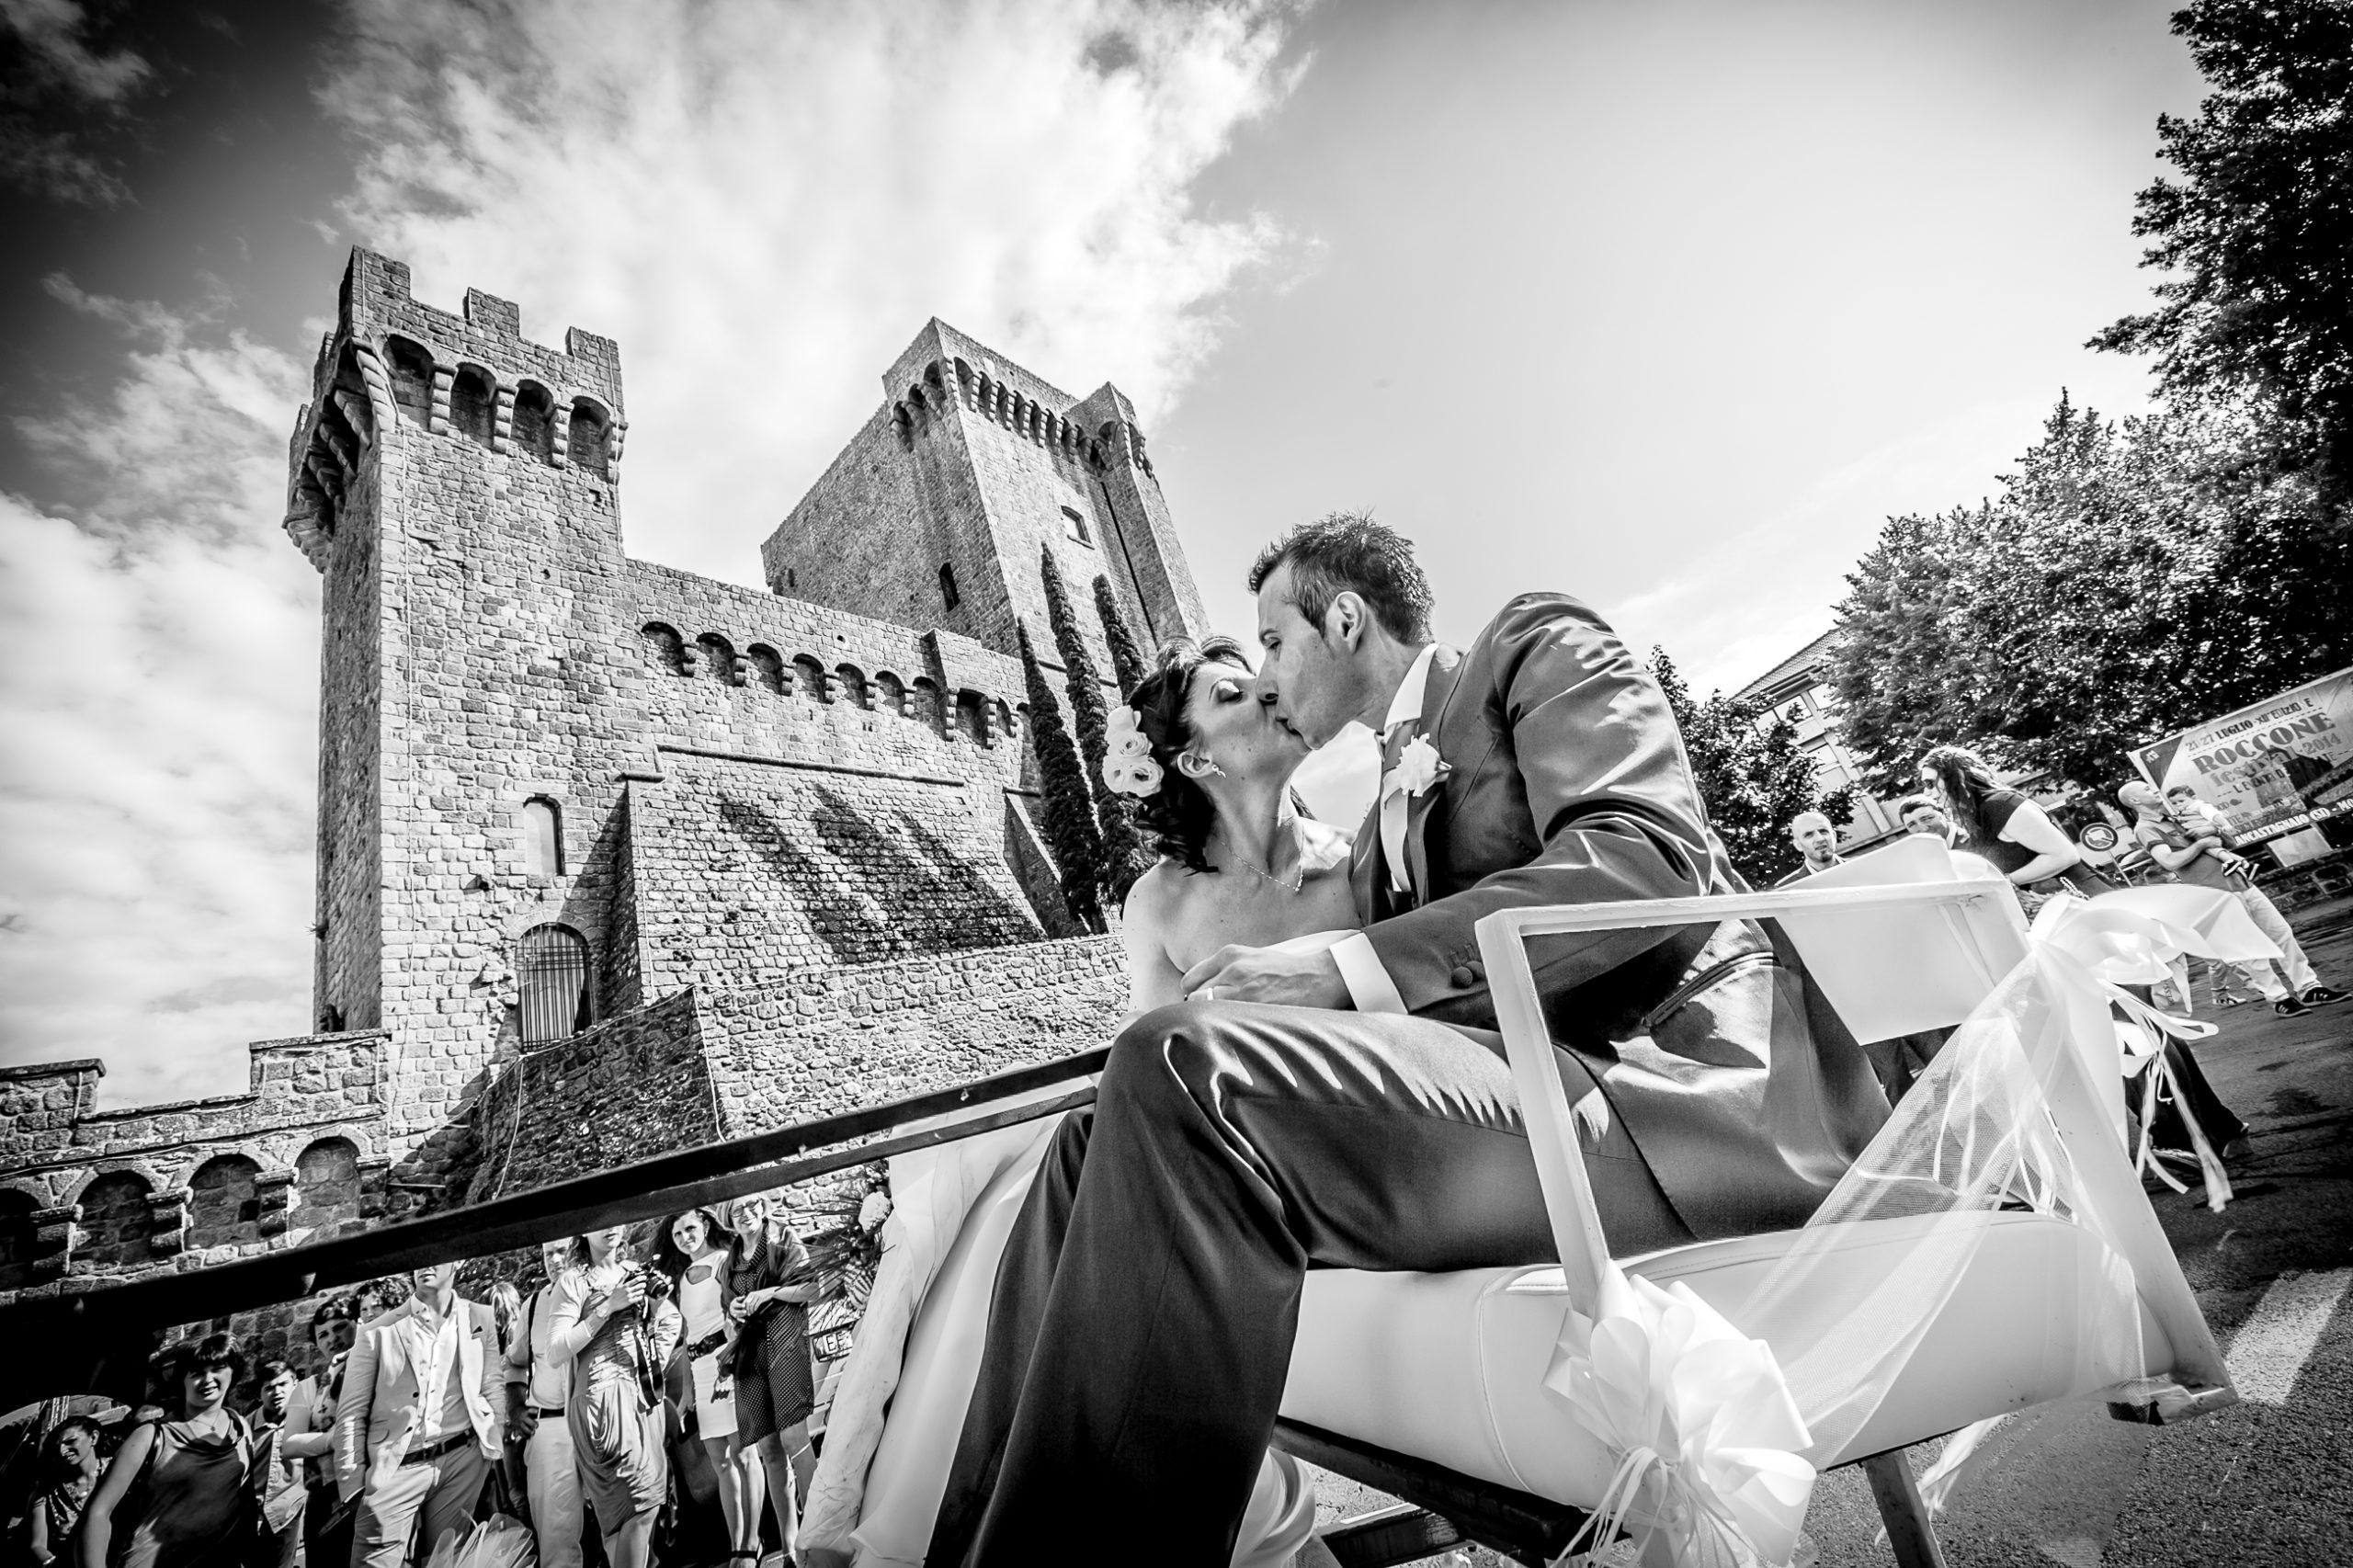 matrimonio-piancastagnaio-abbadia-san-salvatore-fotografo-rocca-aldobrandesca-foto-forti-gabriele